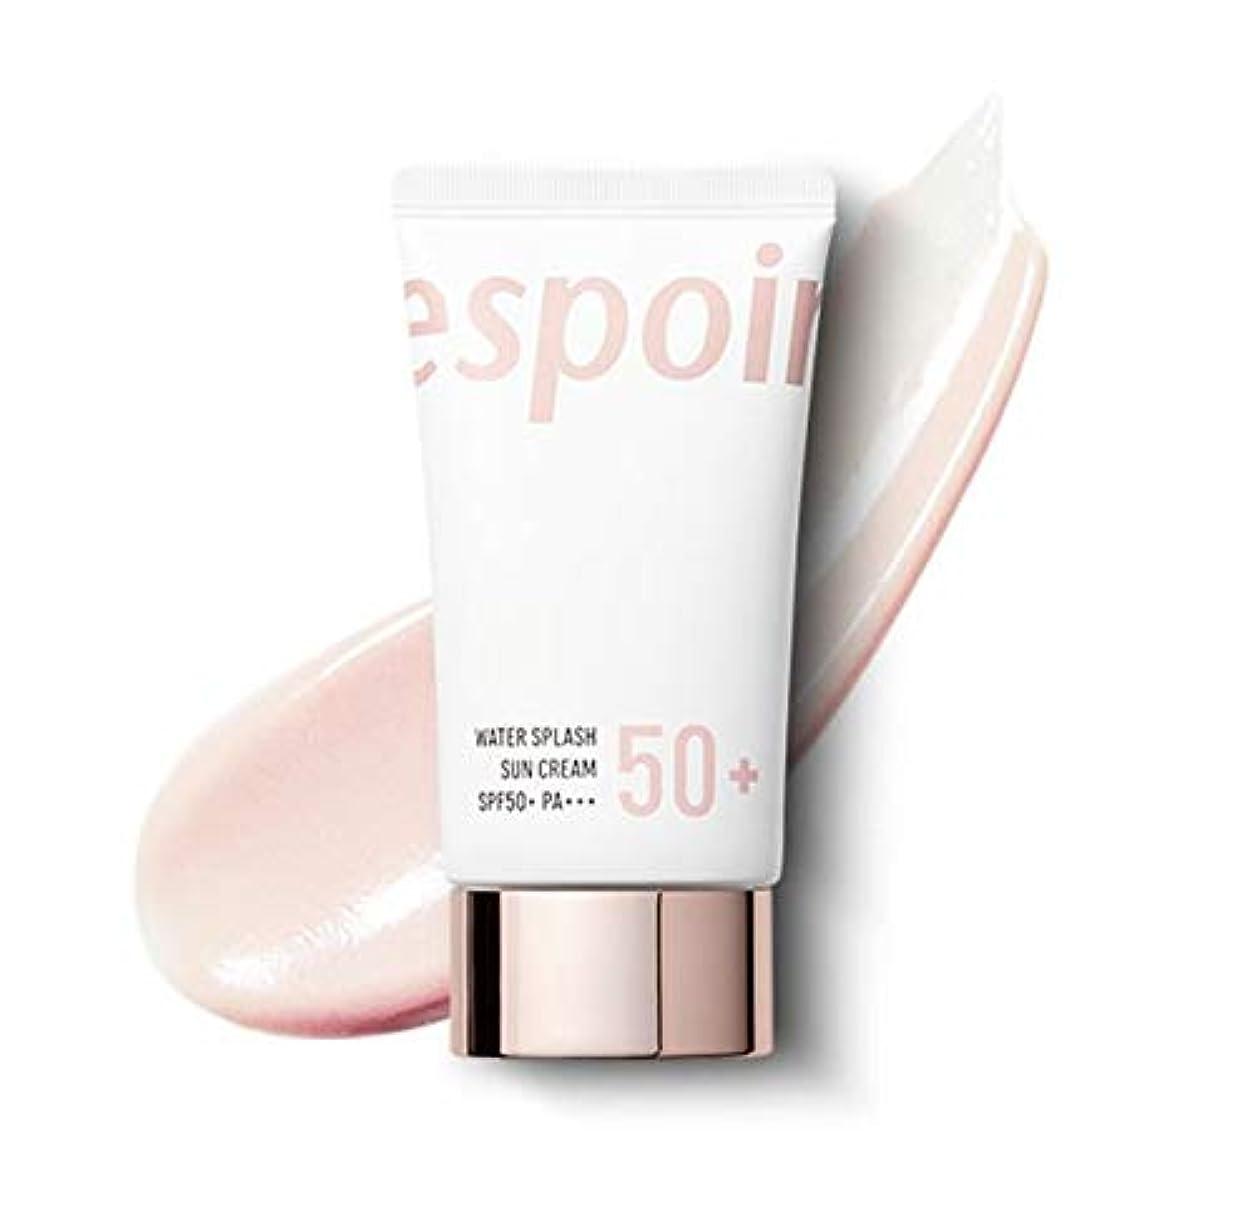 乱気流まろやかなけがをするeSpoir Water Splash Sun Cream SPF50+PA+++ (R) / エスポワール ウォータースプラッシュ サンクリーム 60ml [並行輸入品]